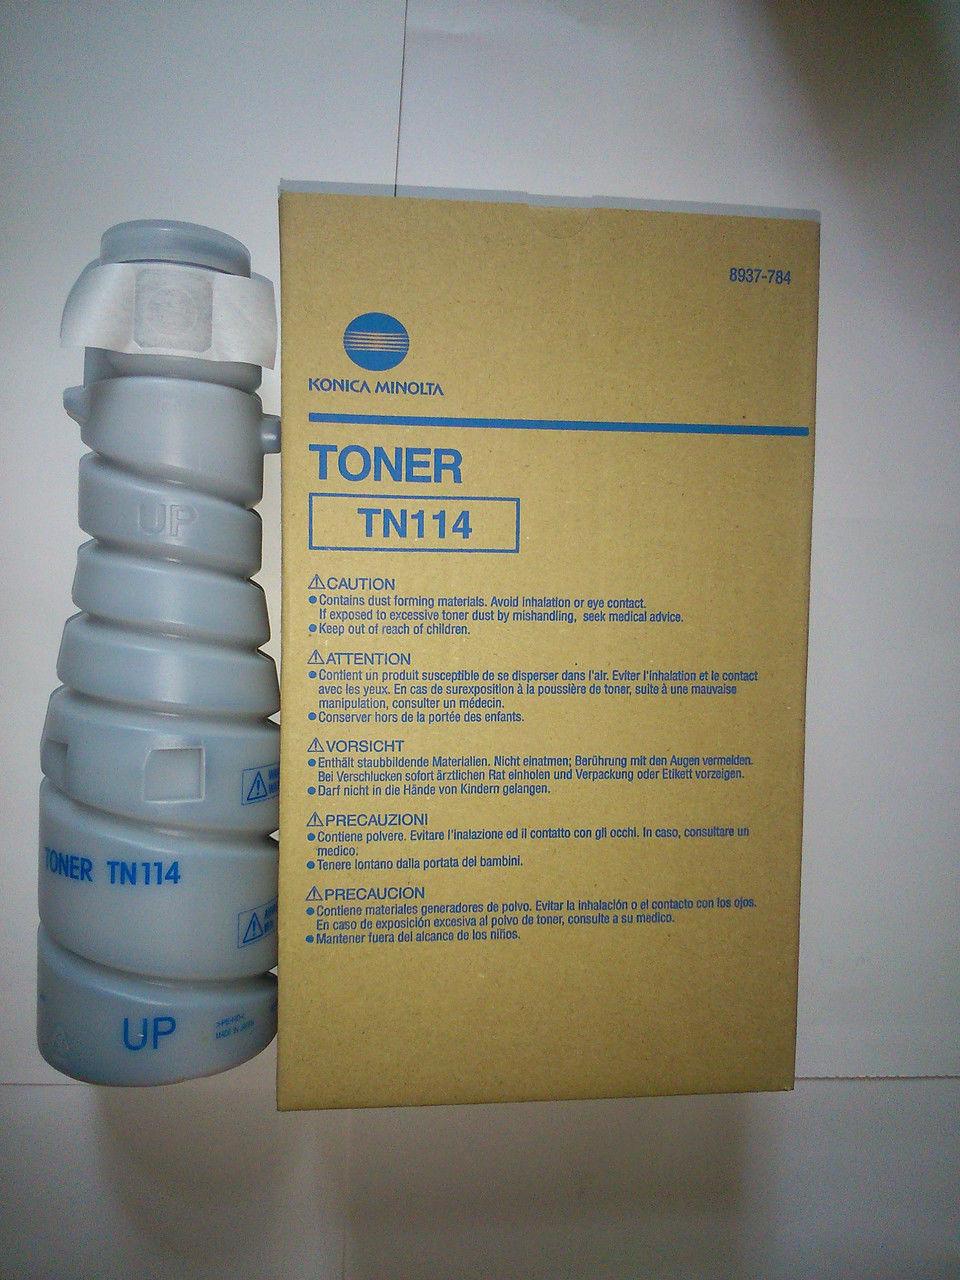 Тонер Konica-Minolta Di152/183/211/1611/2011/bizhub 162/163/210/211  тип 106B/TN-114 (о)  1 шт !! - картинка товара